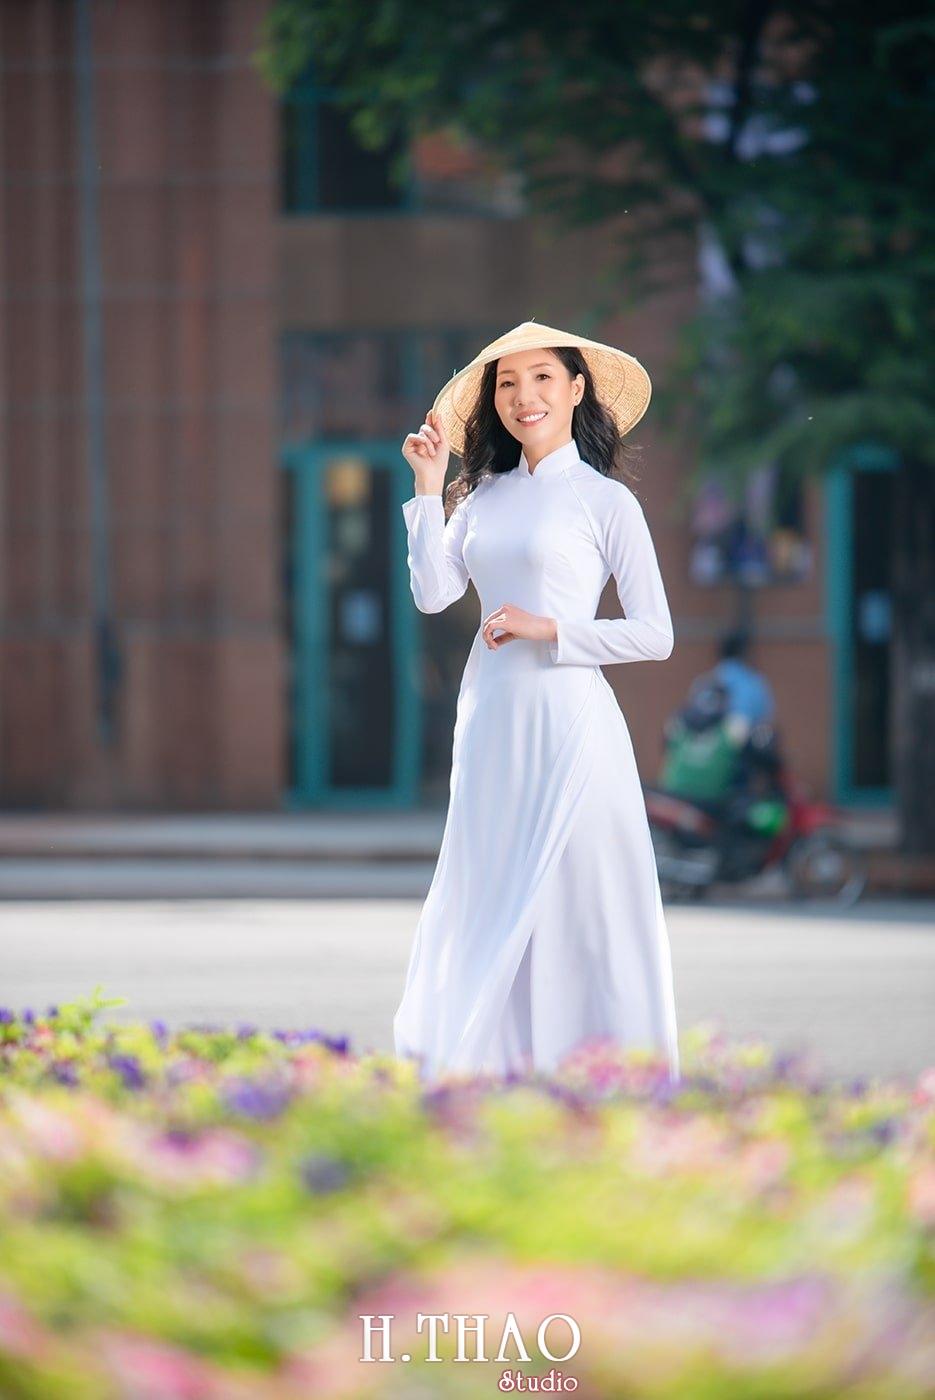 Ao dai nha tho duc ba 22 - Tổng hợp album ảnh áo dài chụp tại nhà thờ Đức Bà - HThao Studio